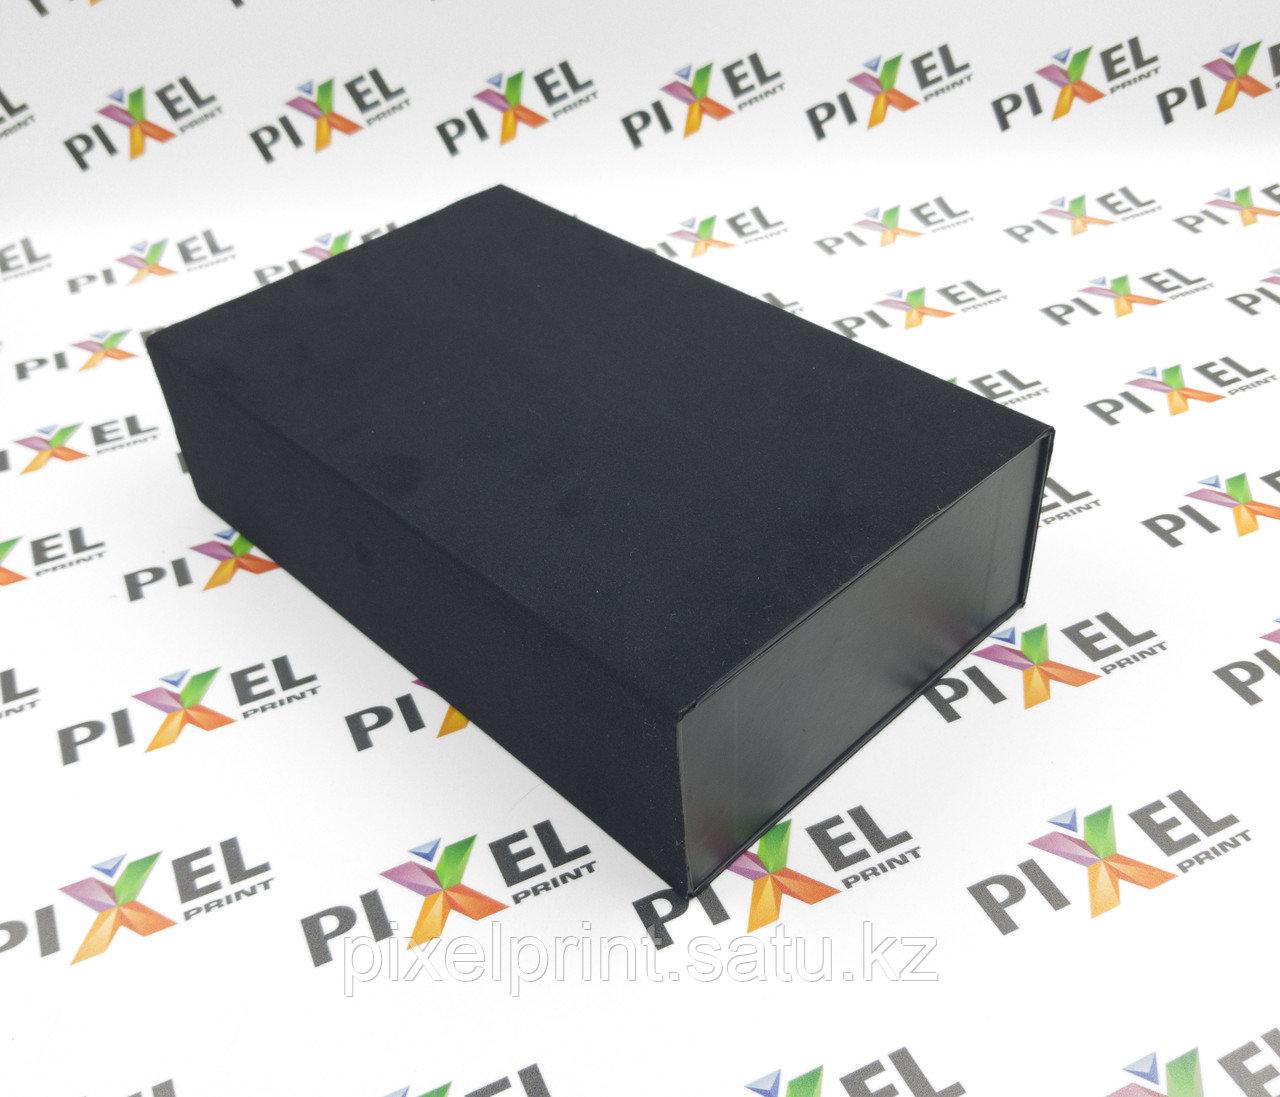 Подарочная коробка пенал с черным бархатом.